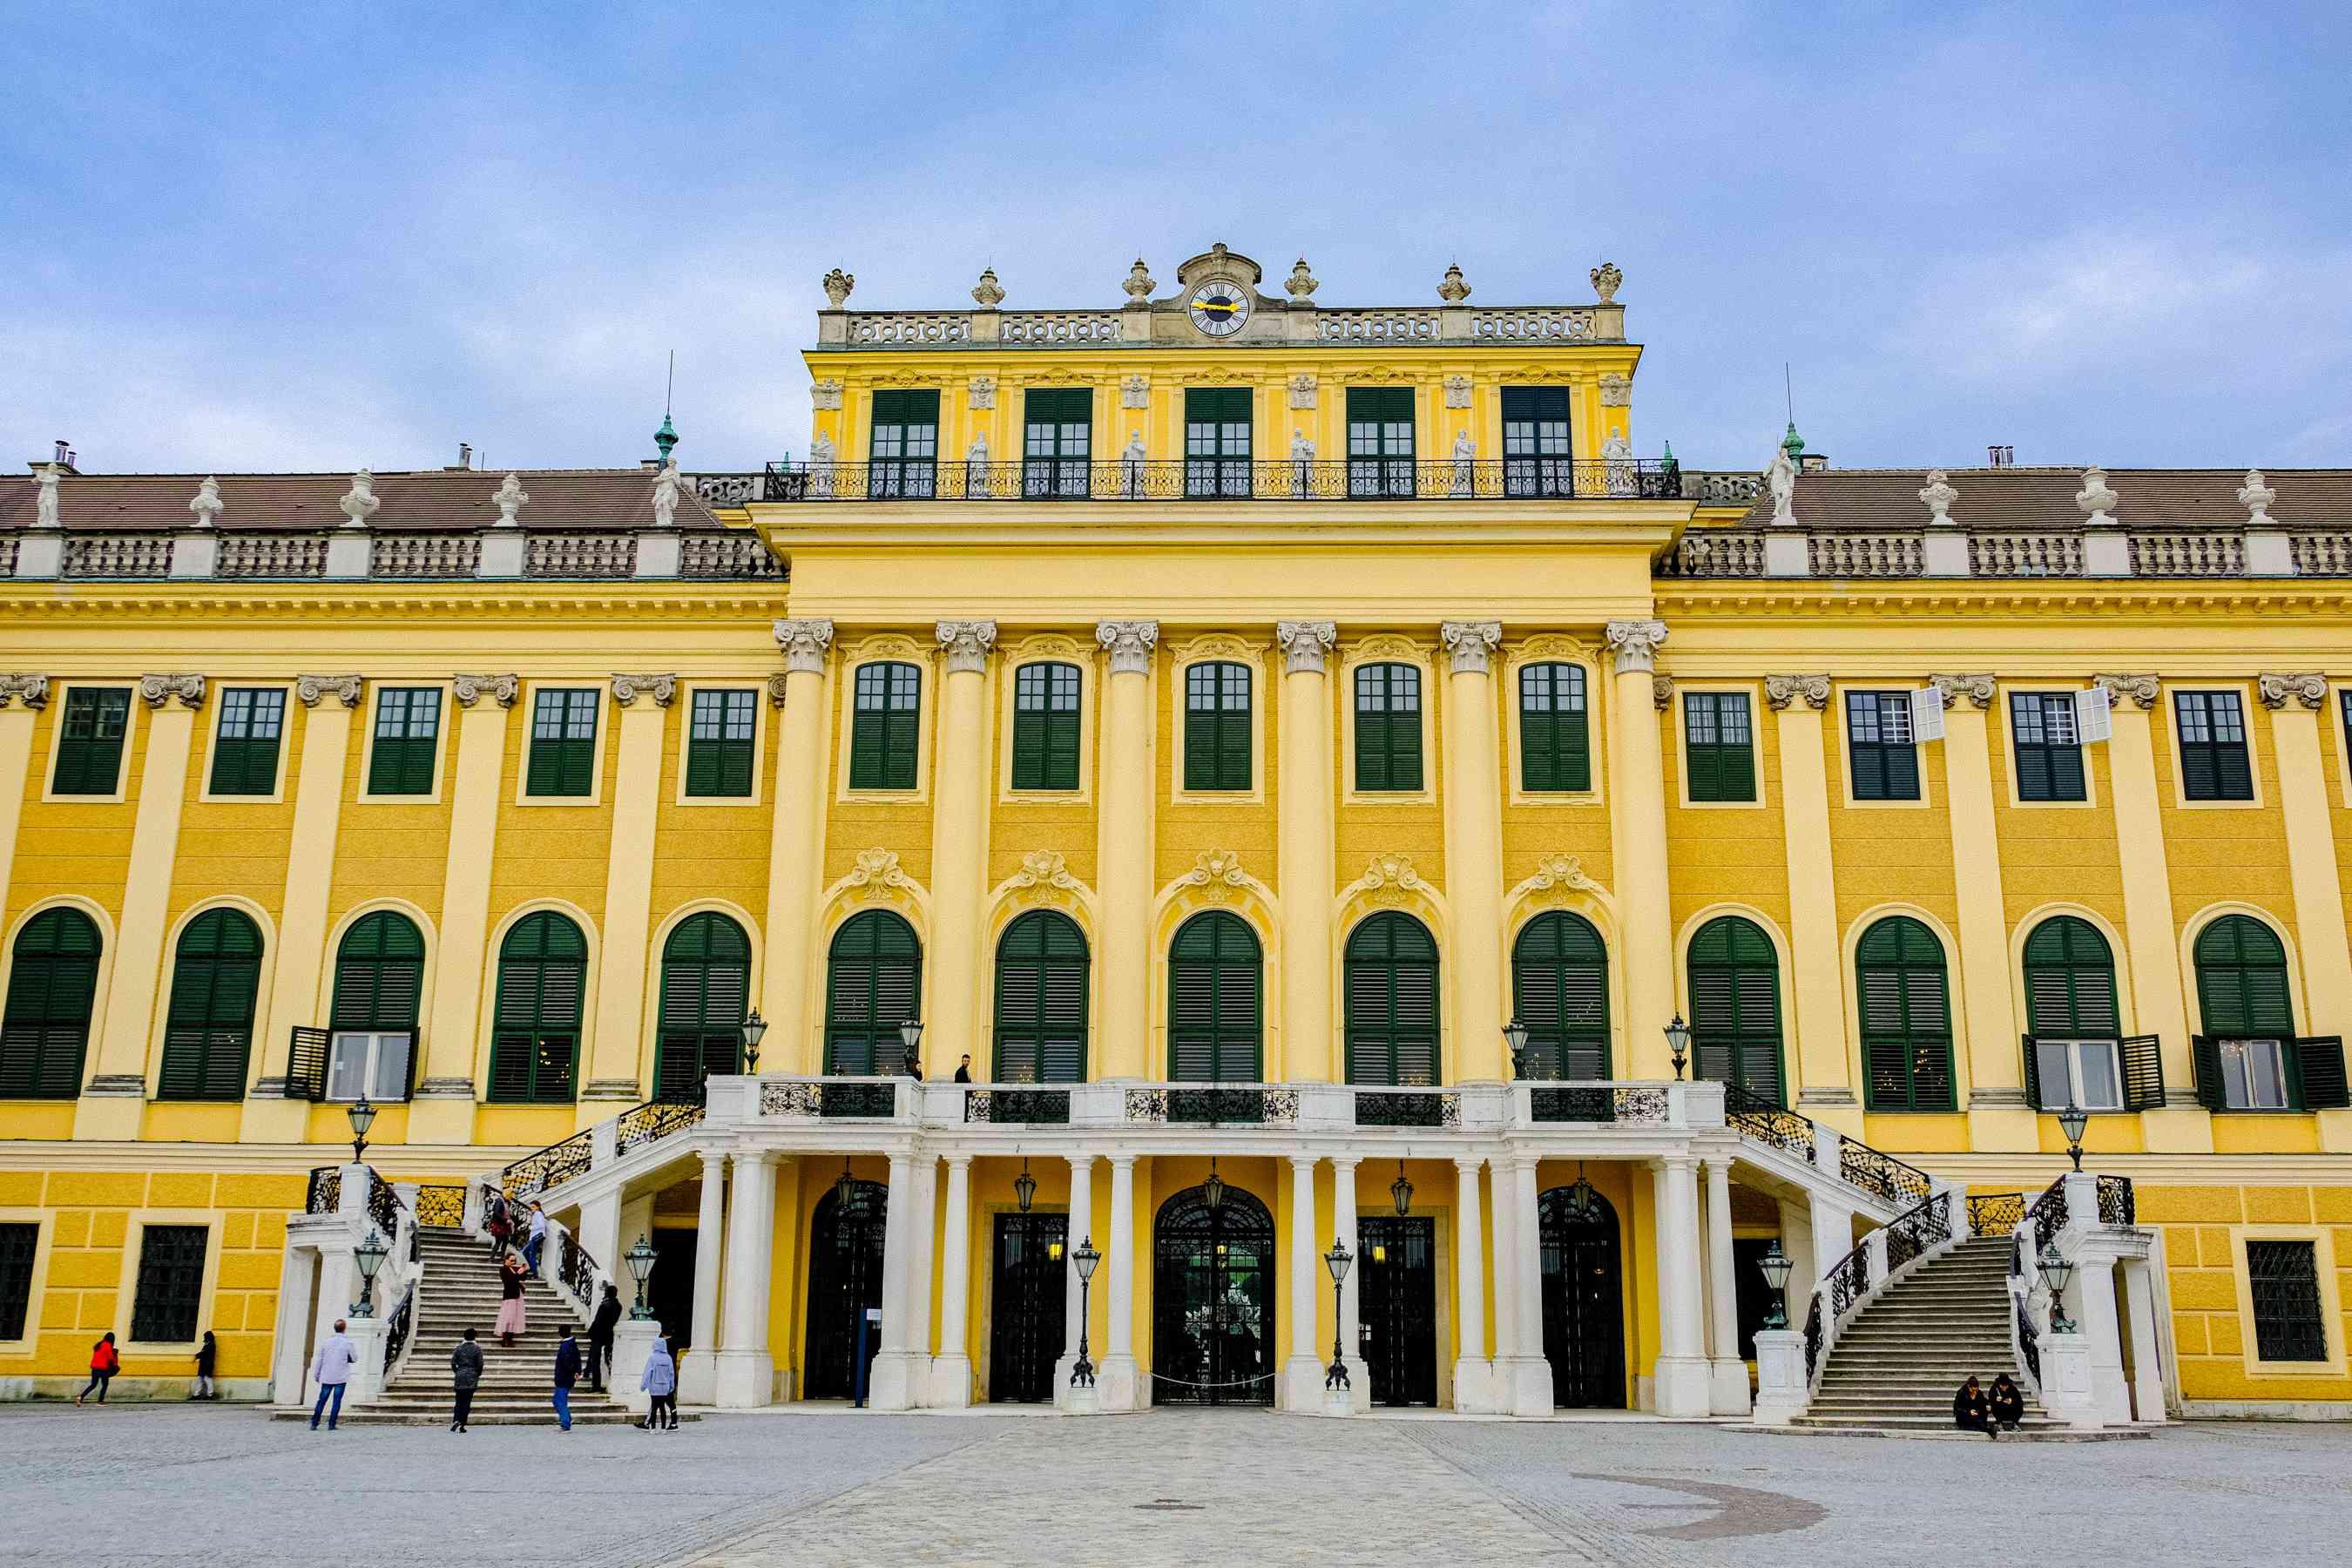 La fachada amarilla del Palacio de Schonbrunn